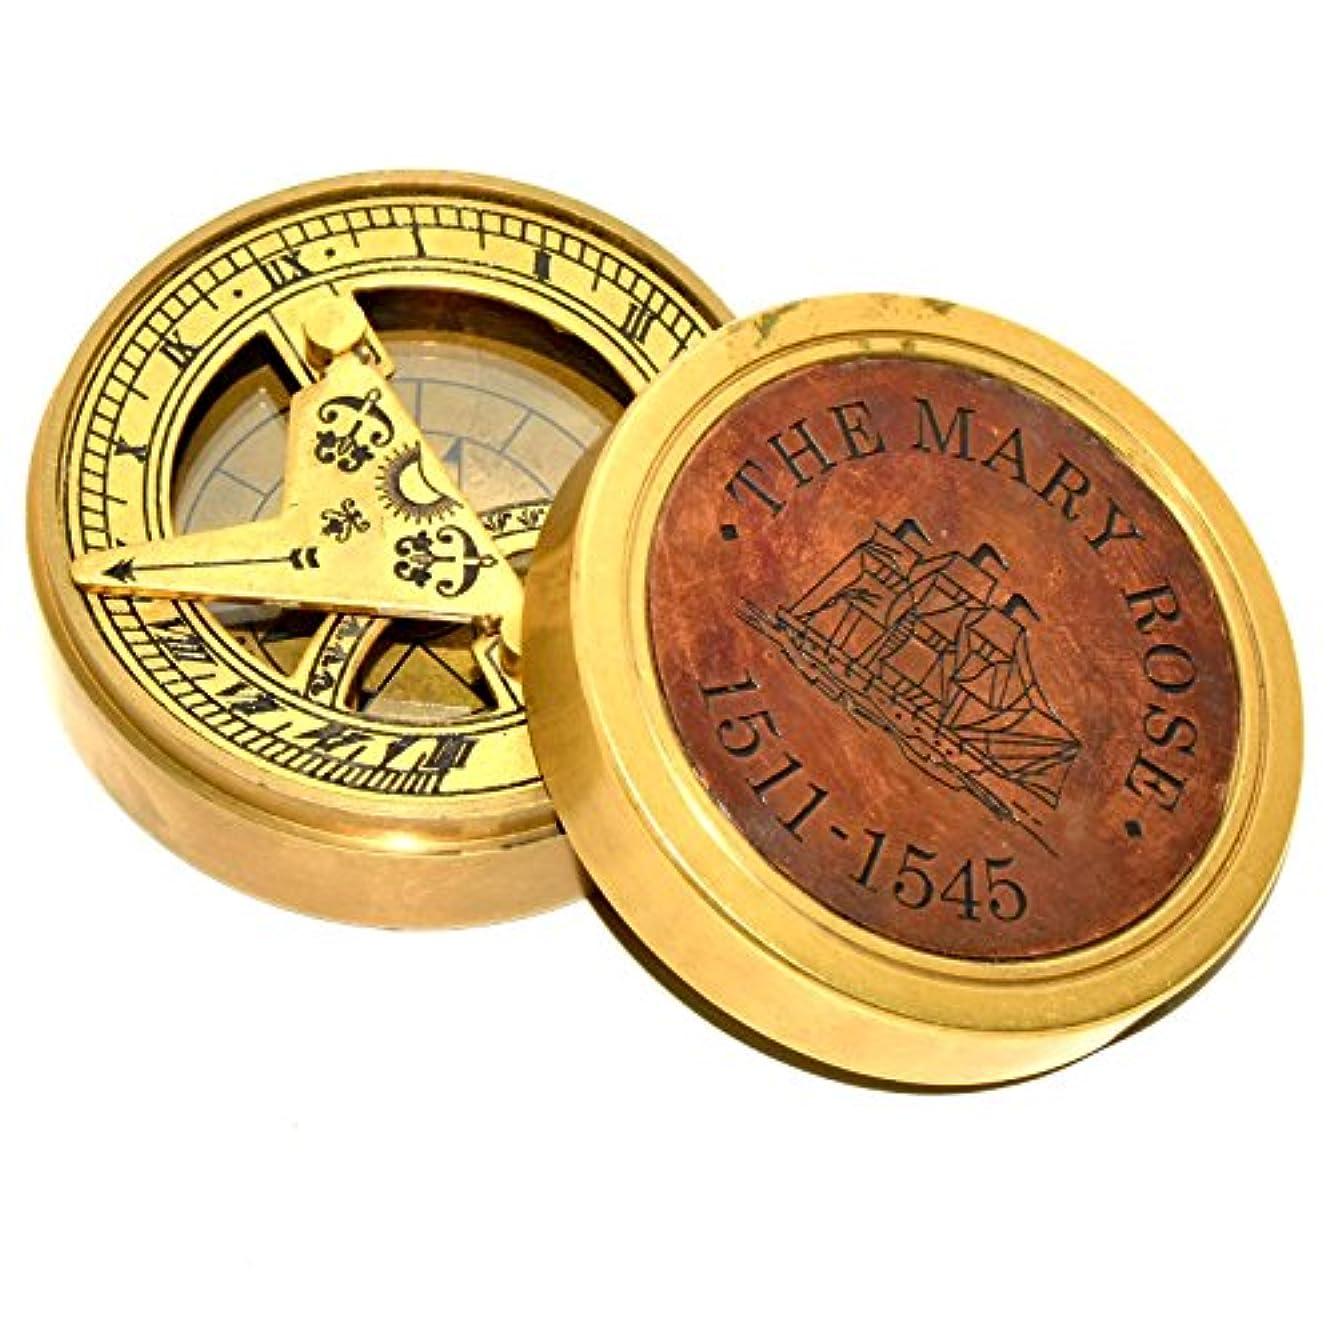 自殺谷管理しますHello Nauticals Store 海のアンティーク真鍮 2.5インチ コンパス 美しいギフト 真鍮コンパス ILMJU987